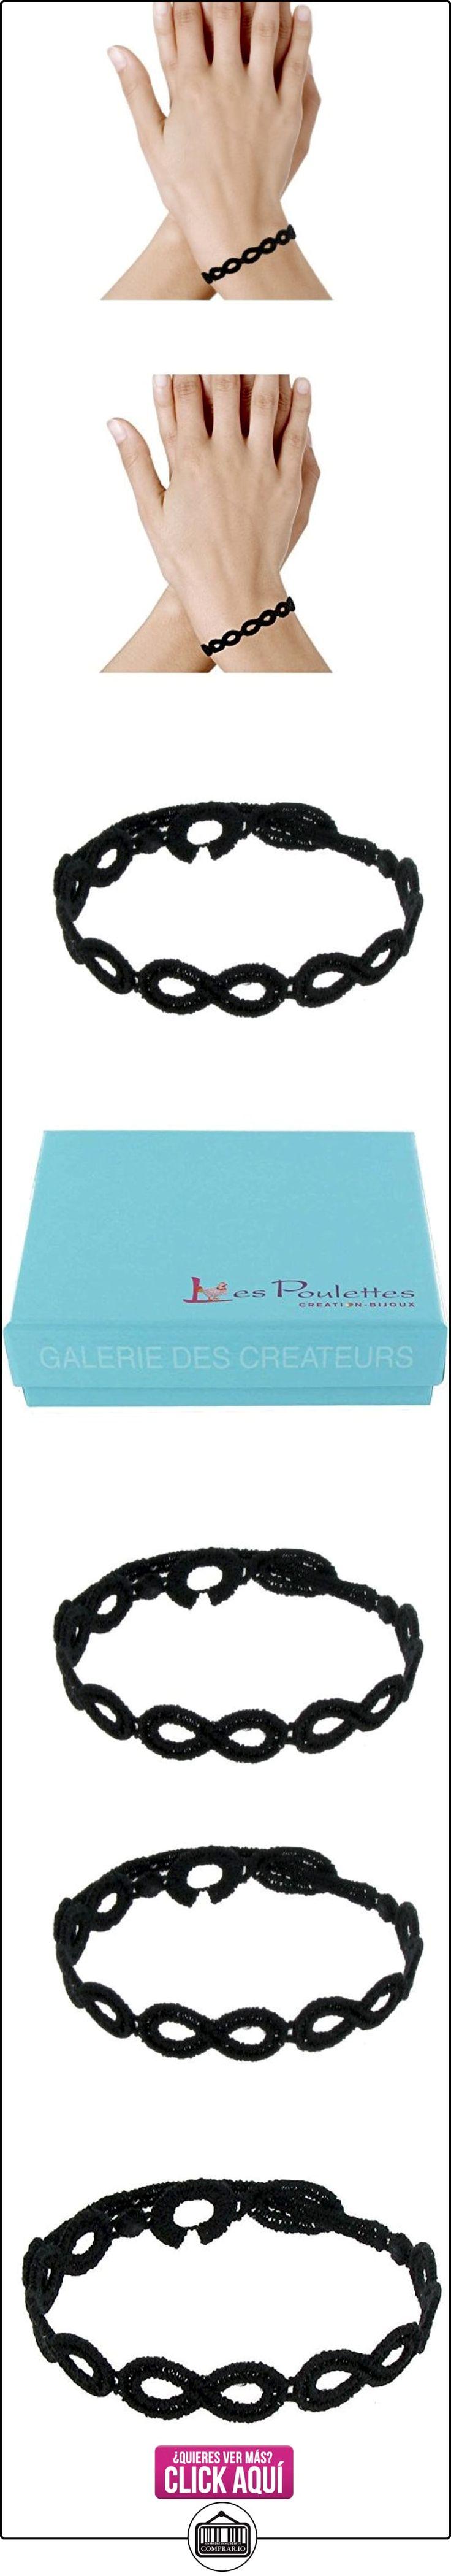 Joyas Les Poulettes - Pulsera Cruciani - Encaje Signo Infinito Color Negro  ✿ Joyas para mujer - Las mejores ofertas ✿ ▬► Ver oferta: http://comprar.io/goto/B00DUBMMVG